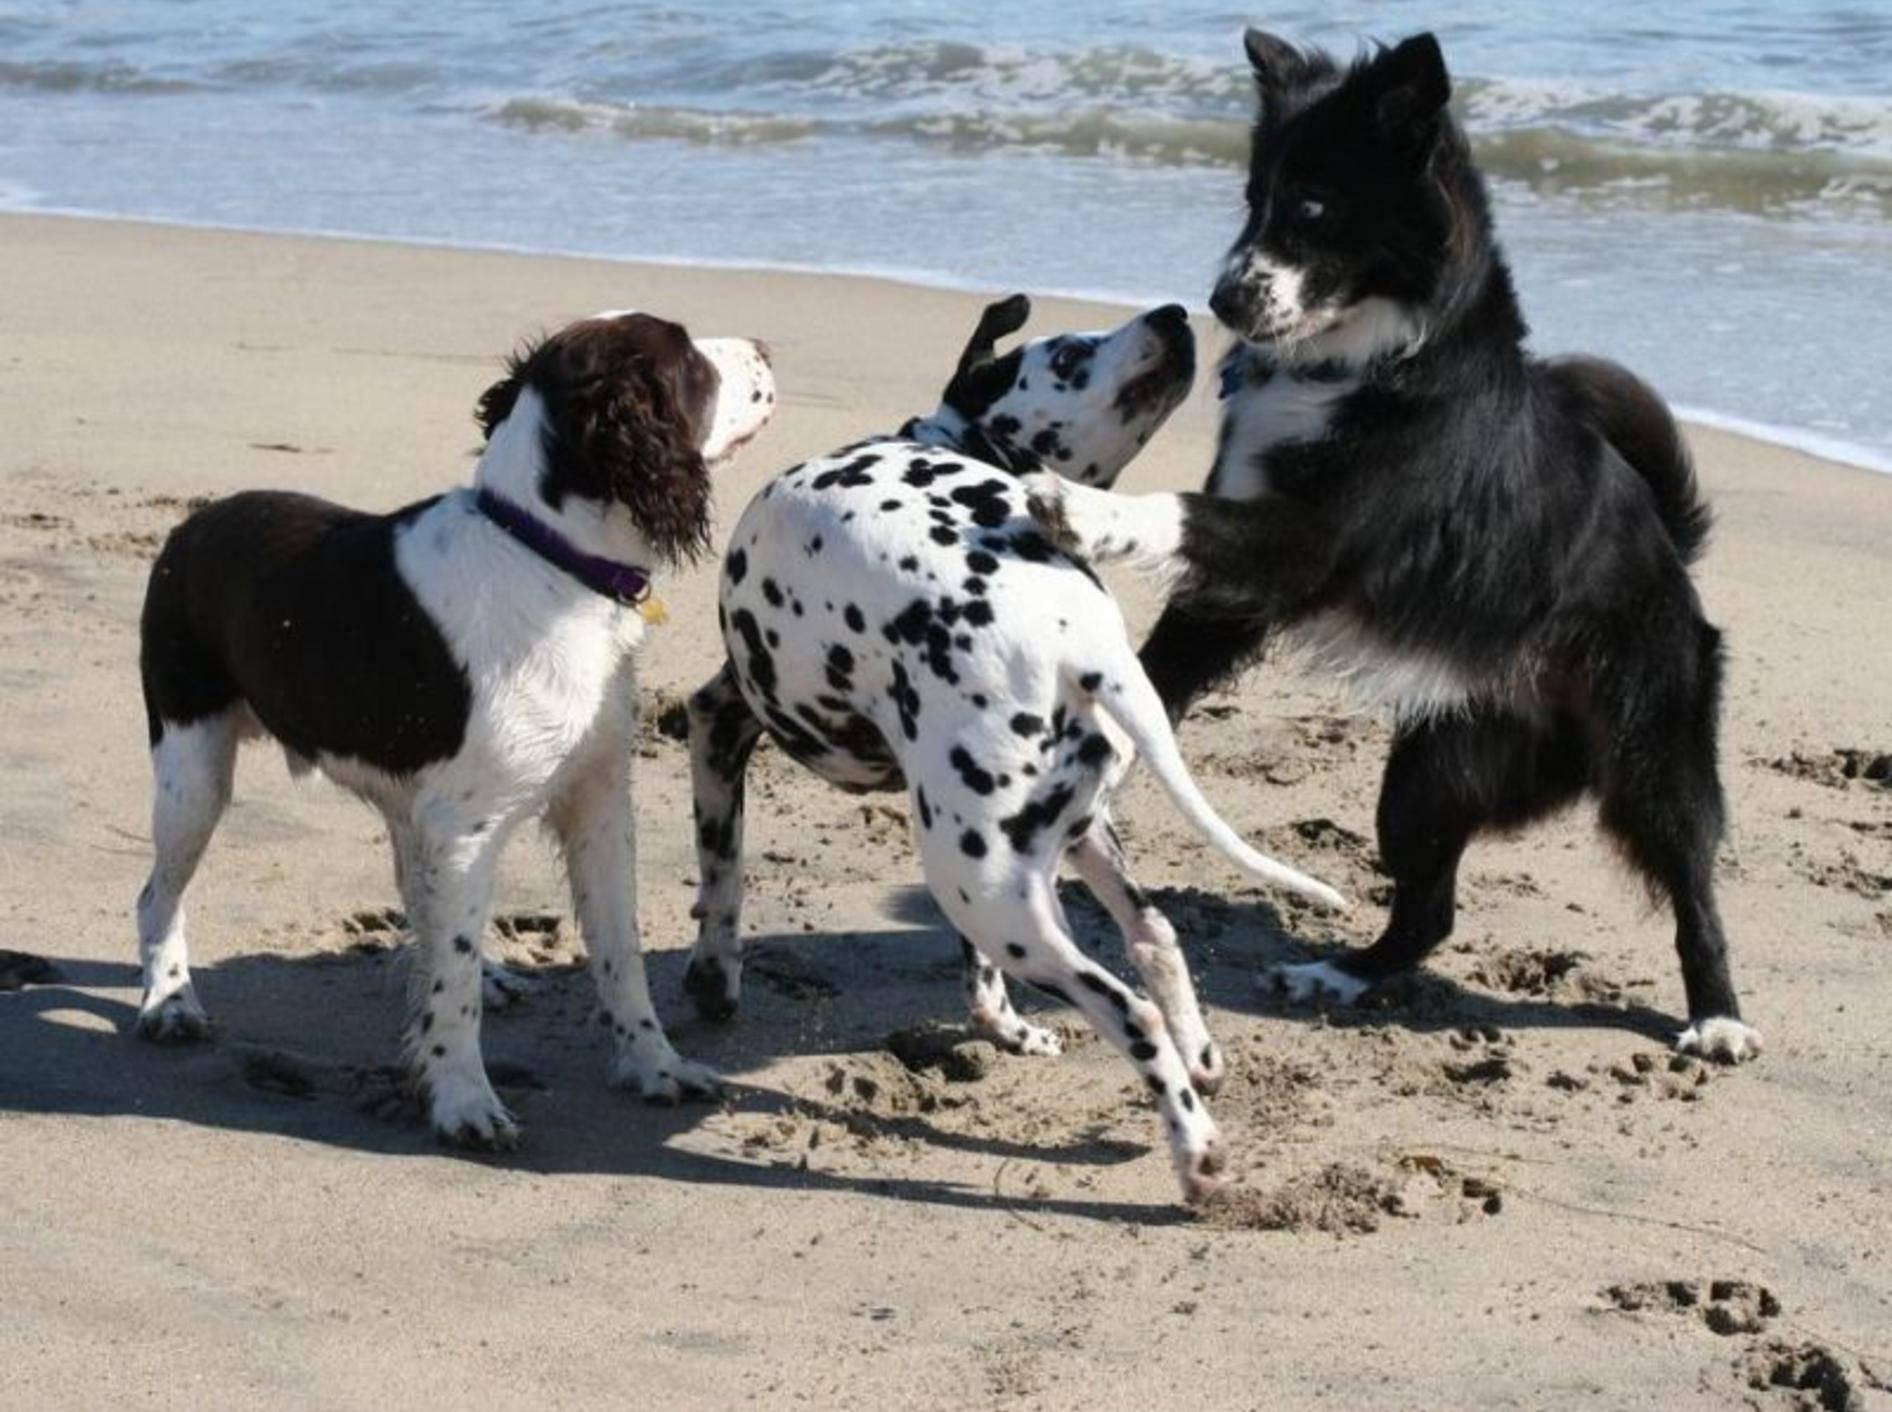 Beim spielen alle gleich: Rassehund und Mischlinge am Strand